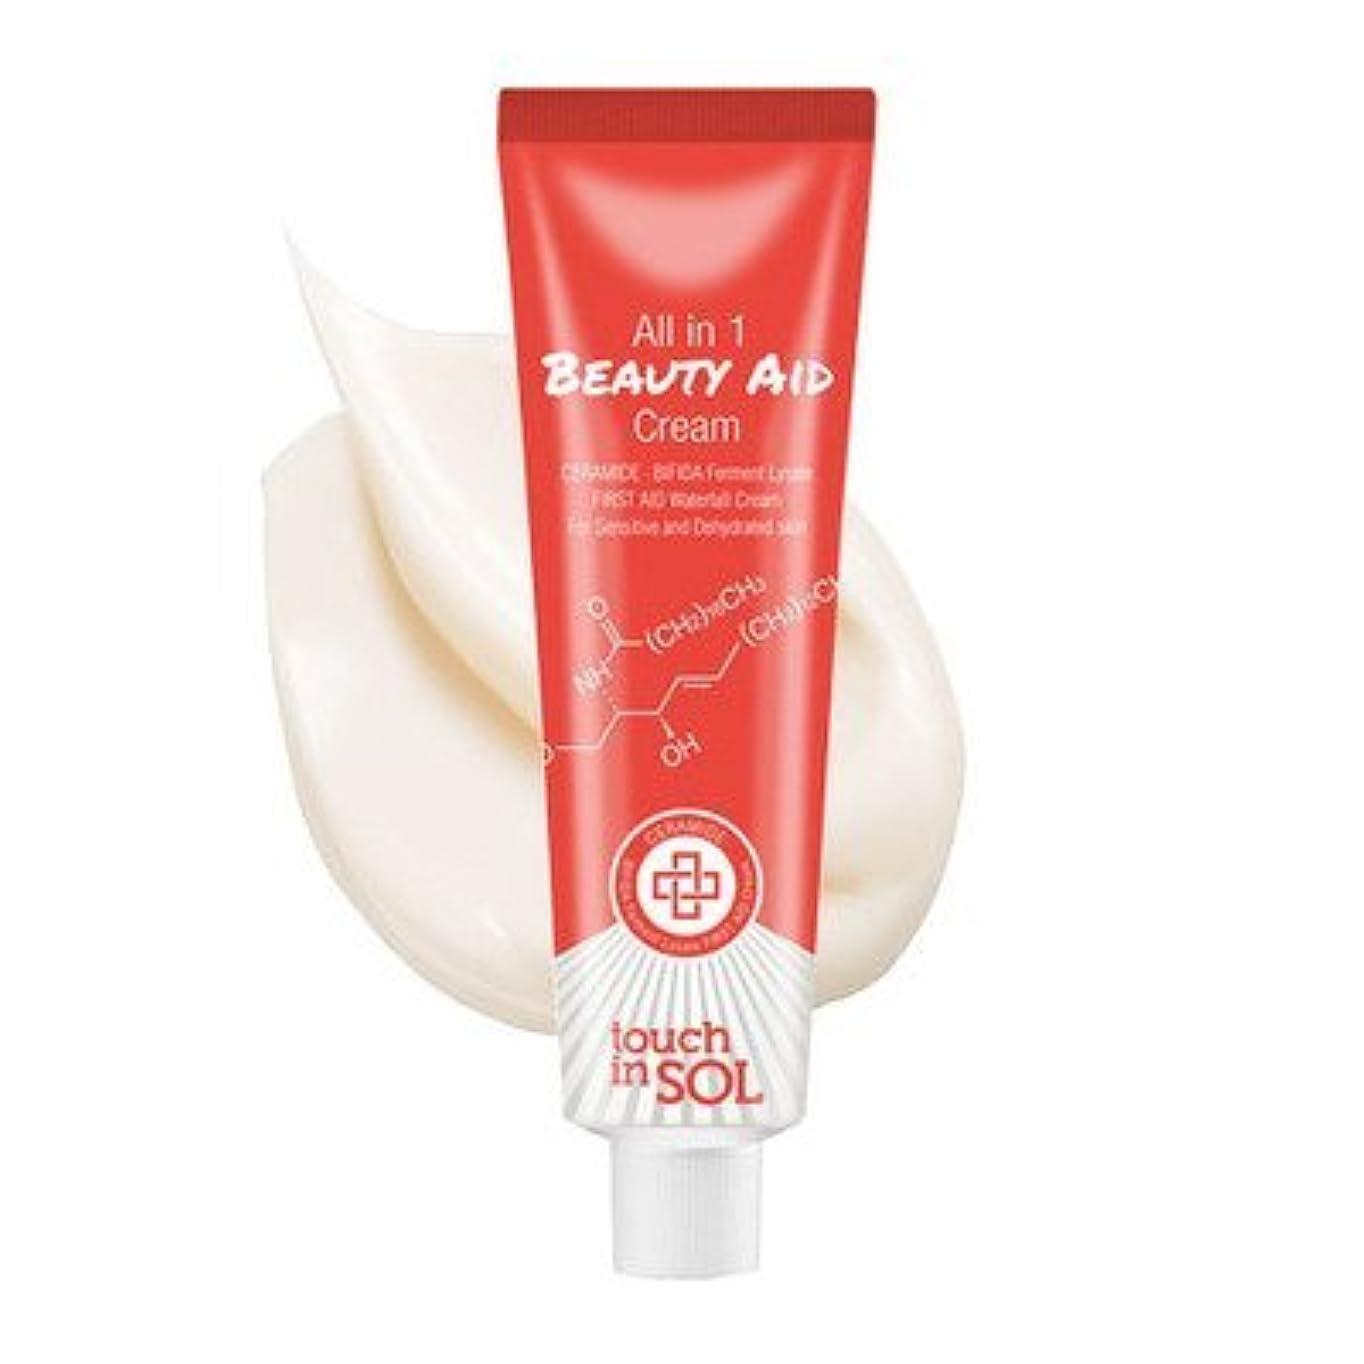 整理するメロン踊り子TOUCH IN SOL((タッチ イン ソル)オールインワンビューティーエードクリーム/(TOUCH IN SOL)beauty aid cream [並行輸入品]